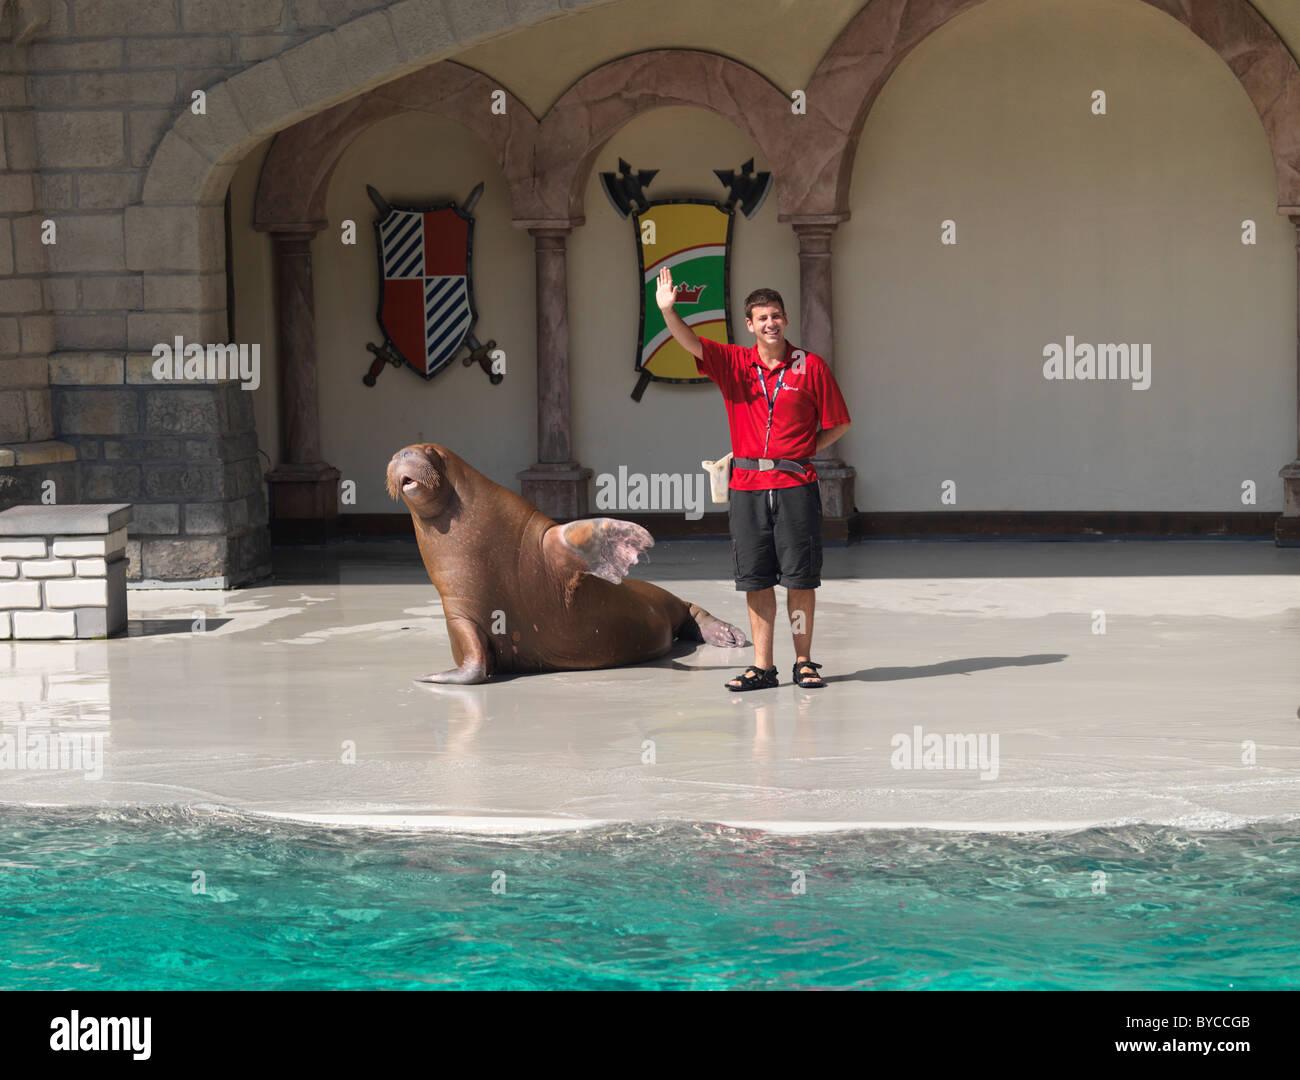 Walrus waving his flipper. Show at Marineland, Niagara Falls, Ontario, Canada 2009. - Stock Image